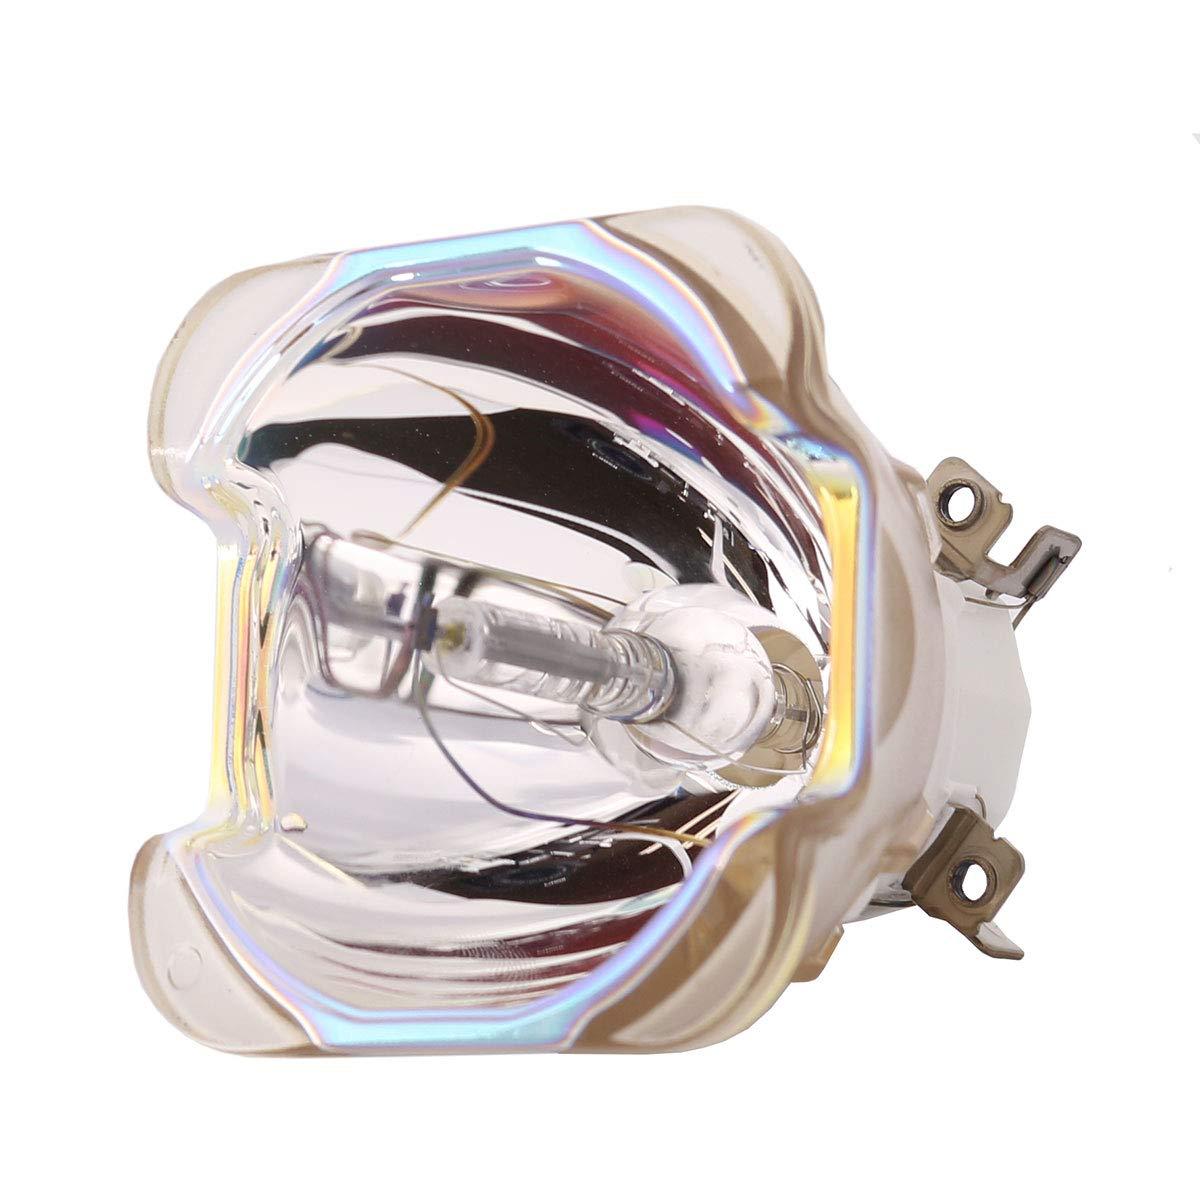 LYTIO エコノミー Barco R9832774 プロジェクターランプ用 (電球のみ)   B07JWGSVKG